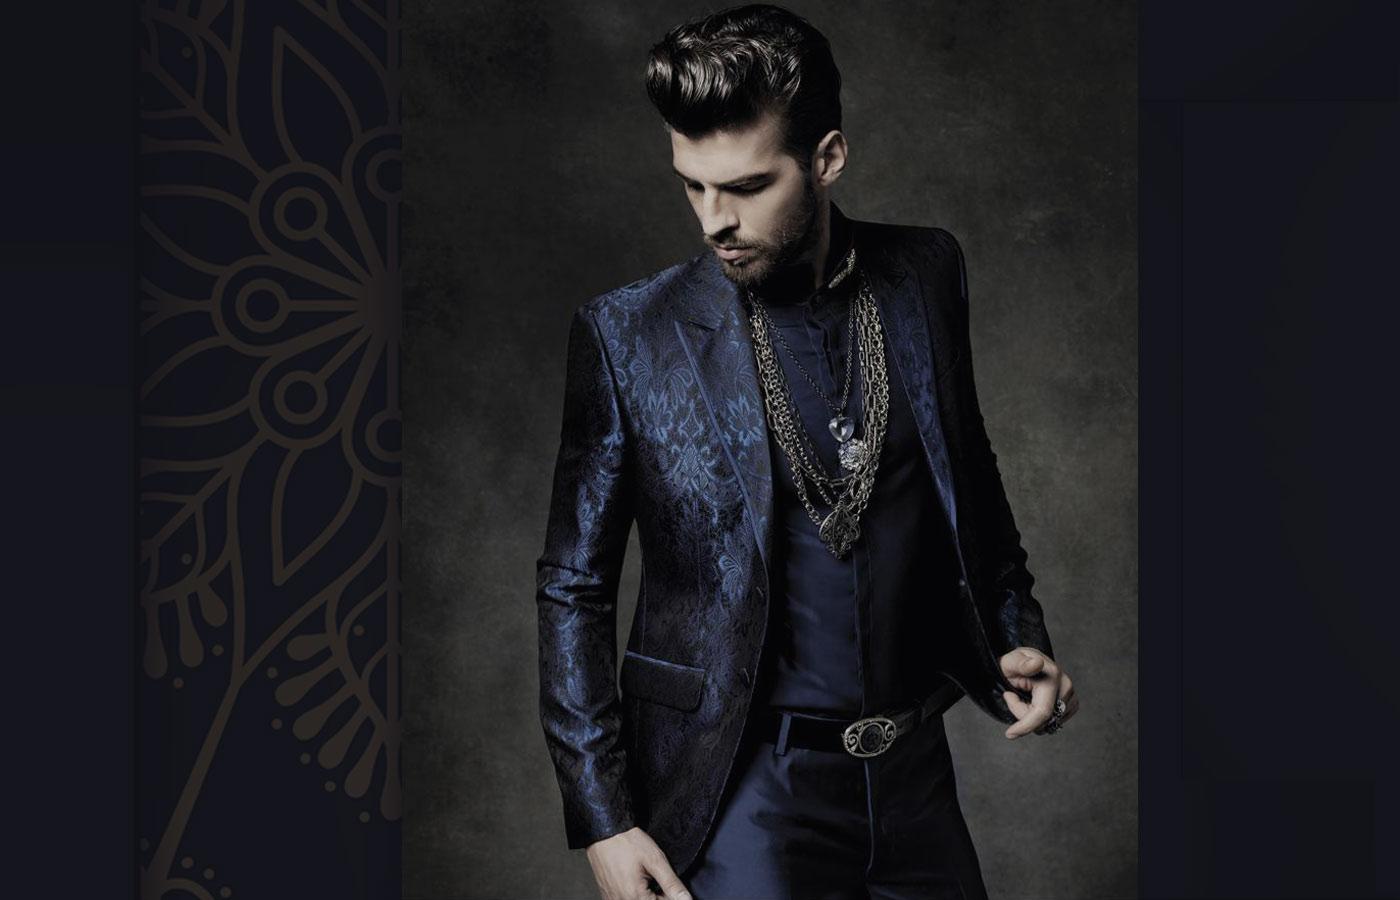 Gothic style for men 2 1 - استایل گوتیک مردانه